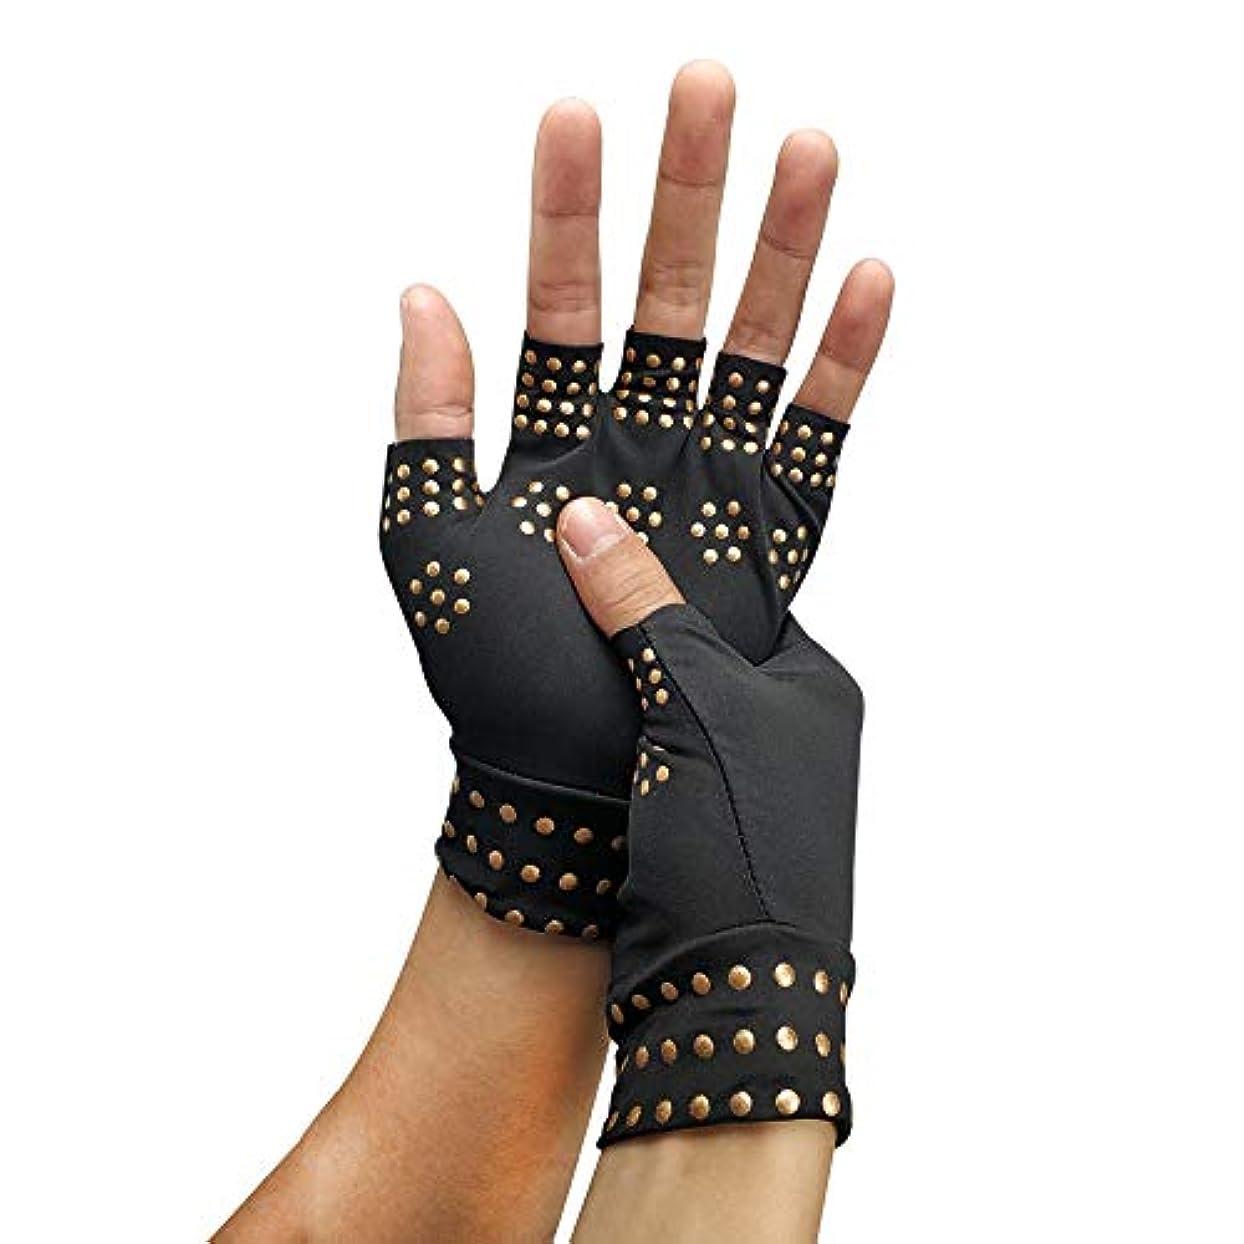 調整閉じる発動機コンプレッショングローブ、グローブフィット関節炎の痛みを軽減コンプレッショングローブ手根管のリリーフ関節炎のリリーフ手リウマチ用リストブレース